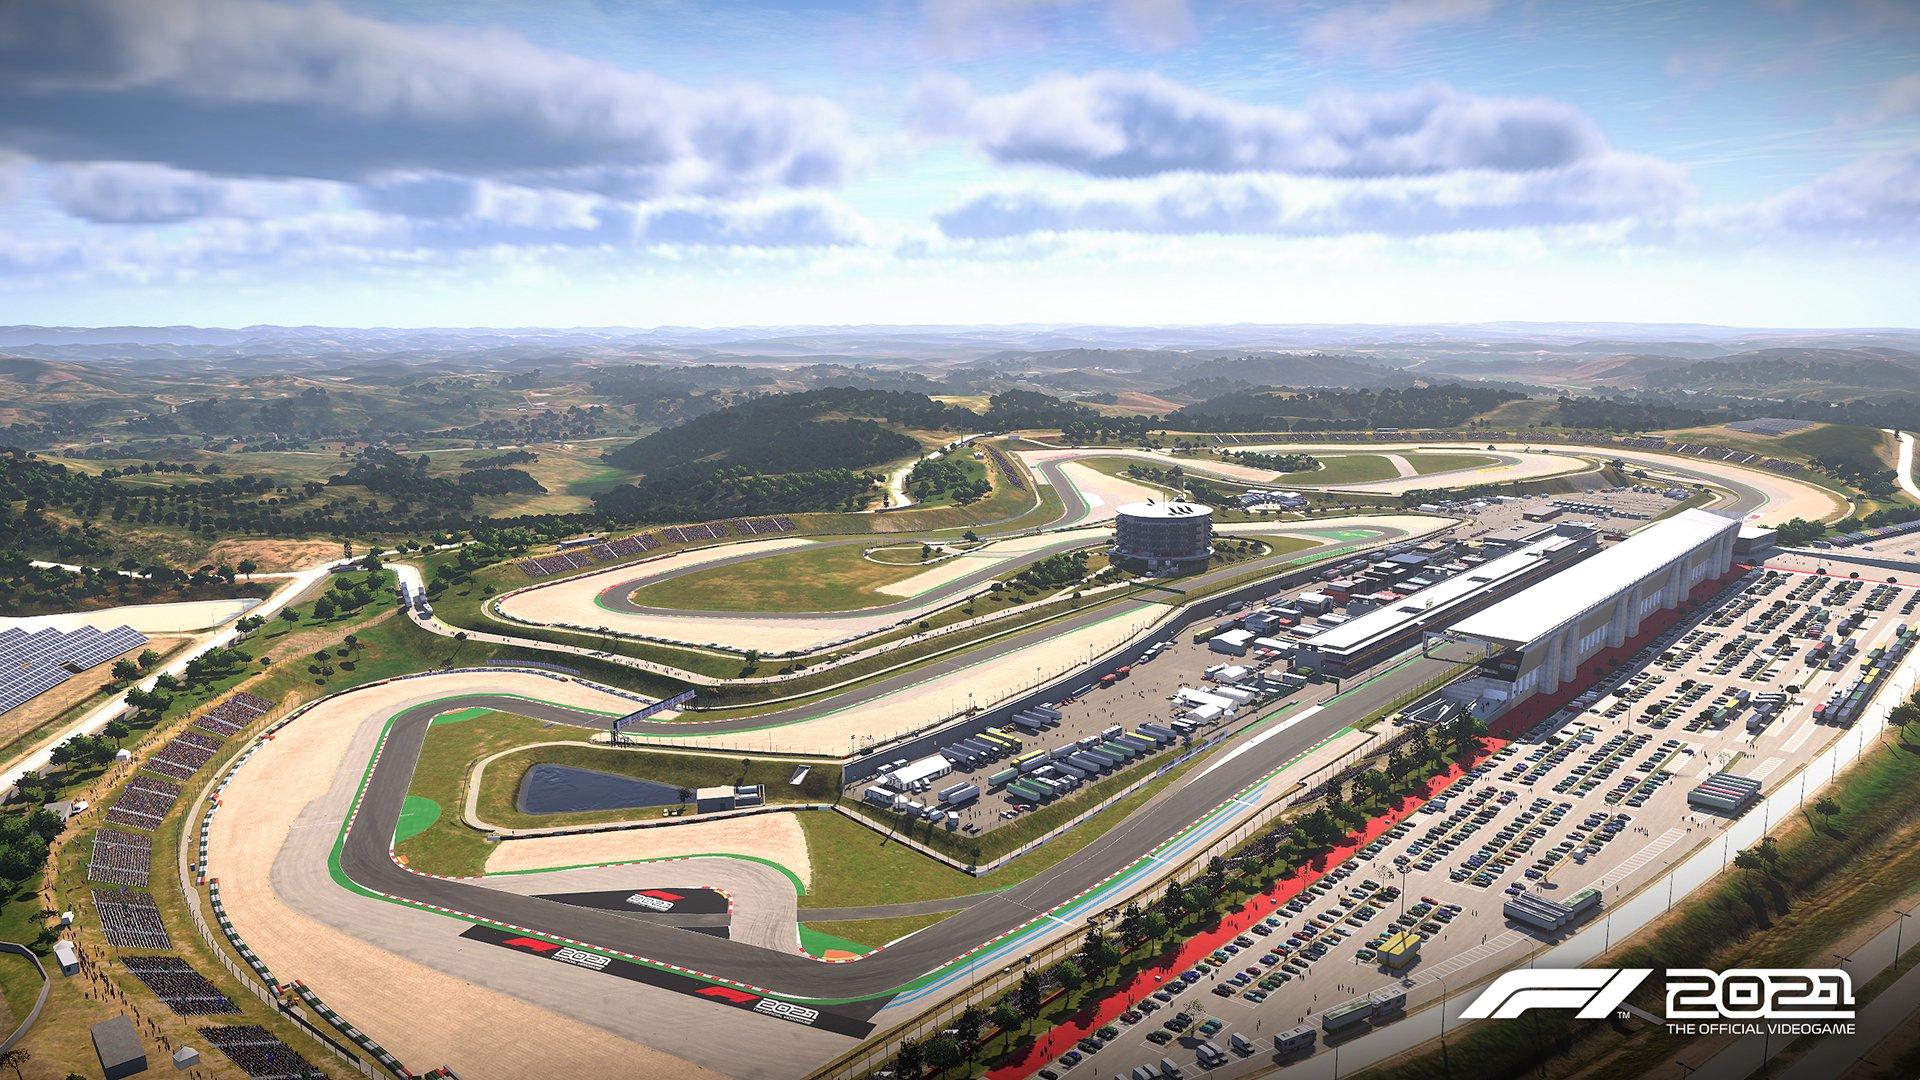 F1 2021 Portimao